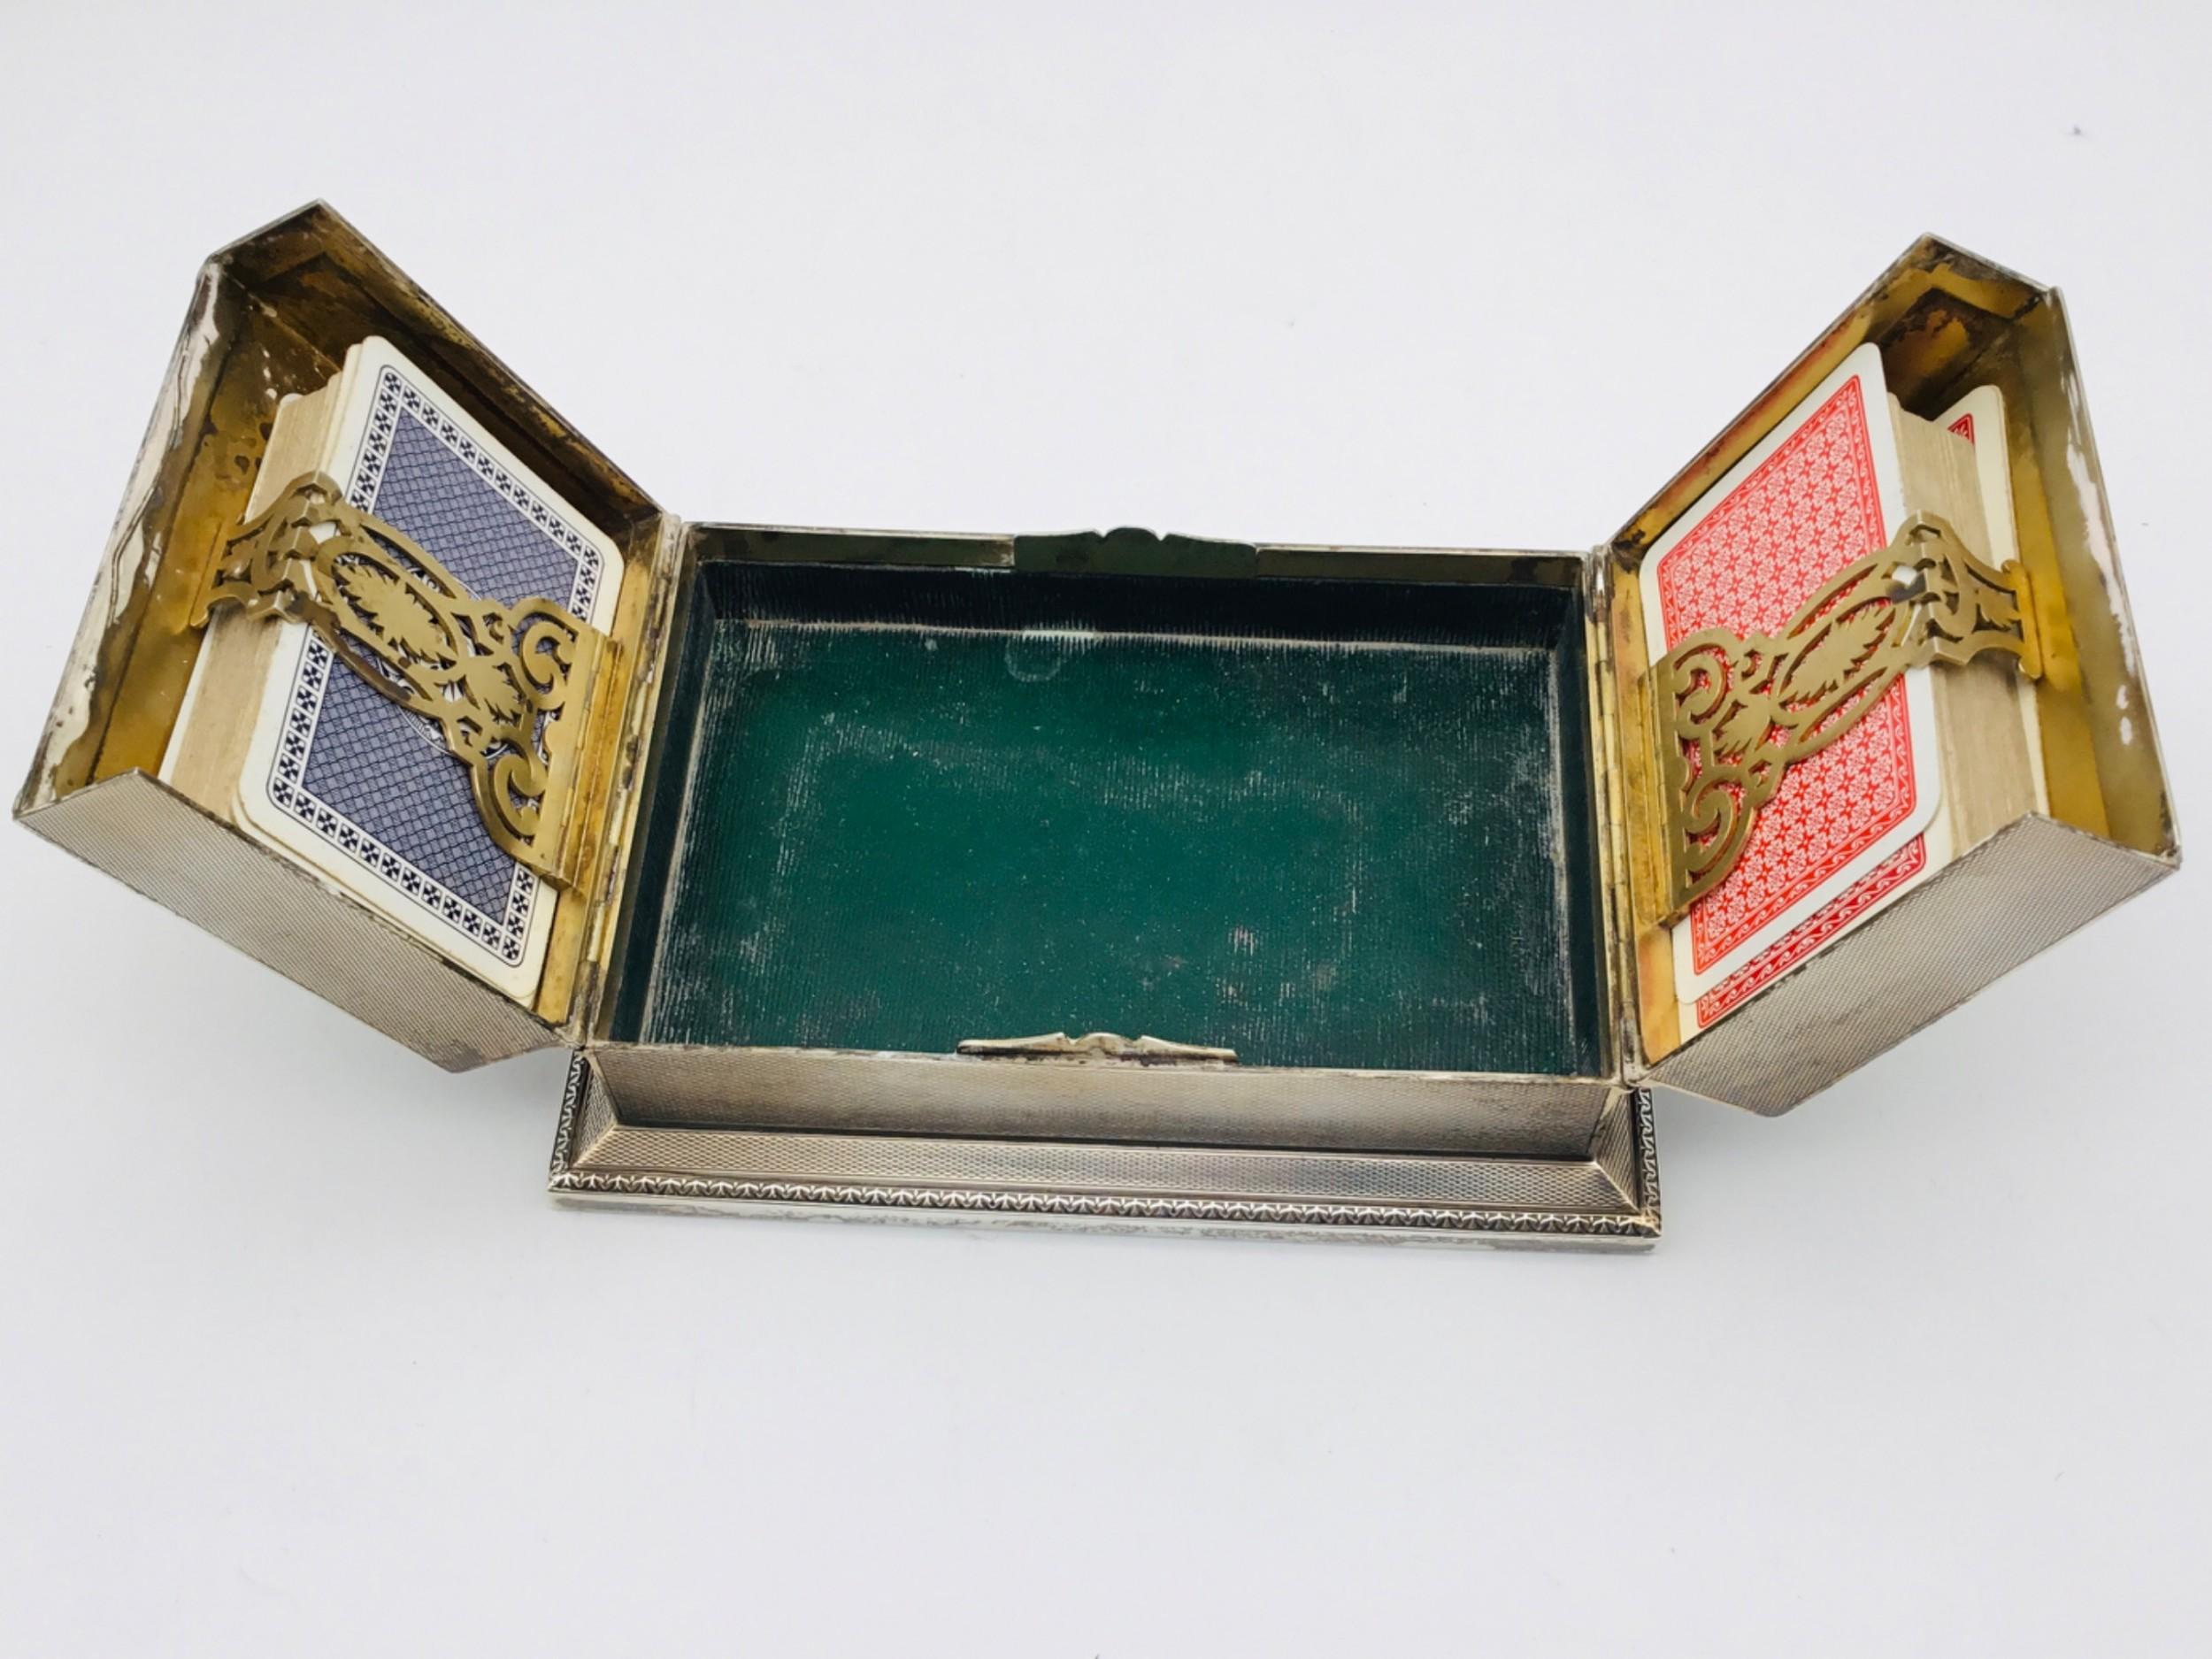 aspreys silver card box